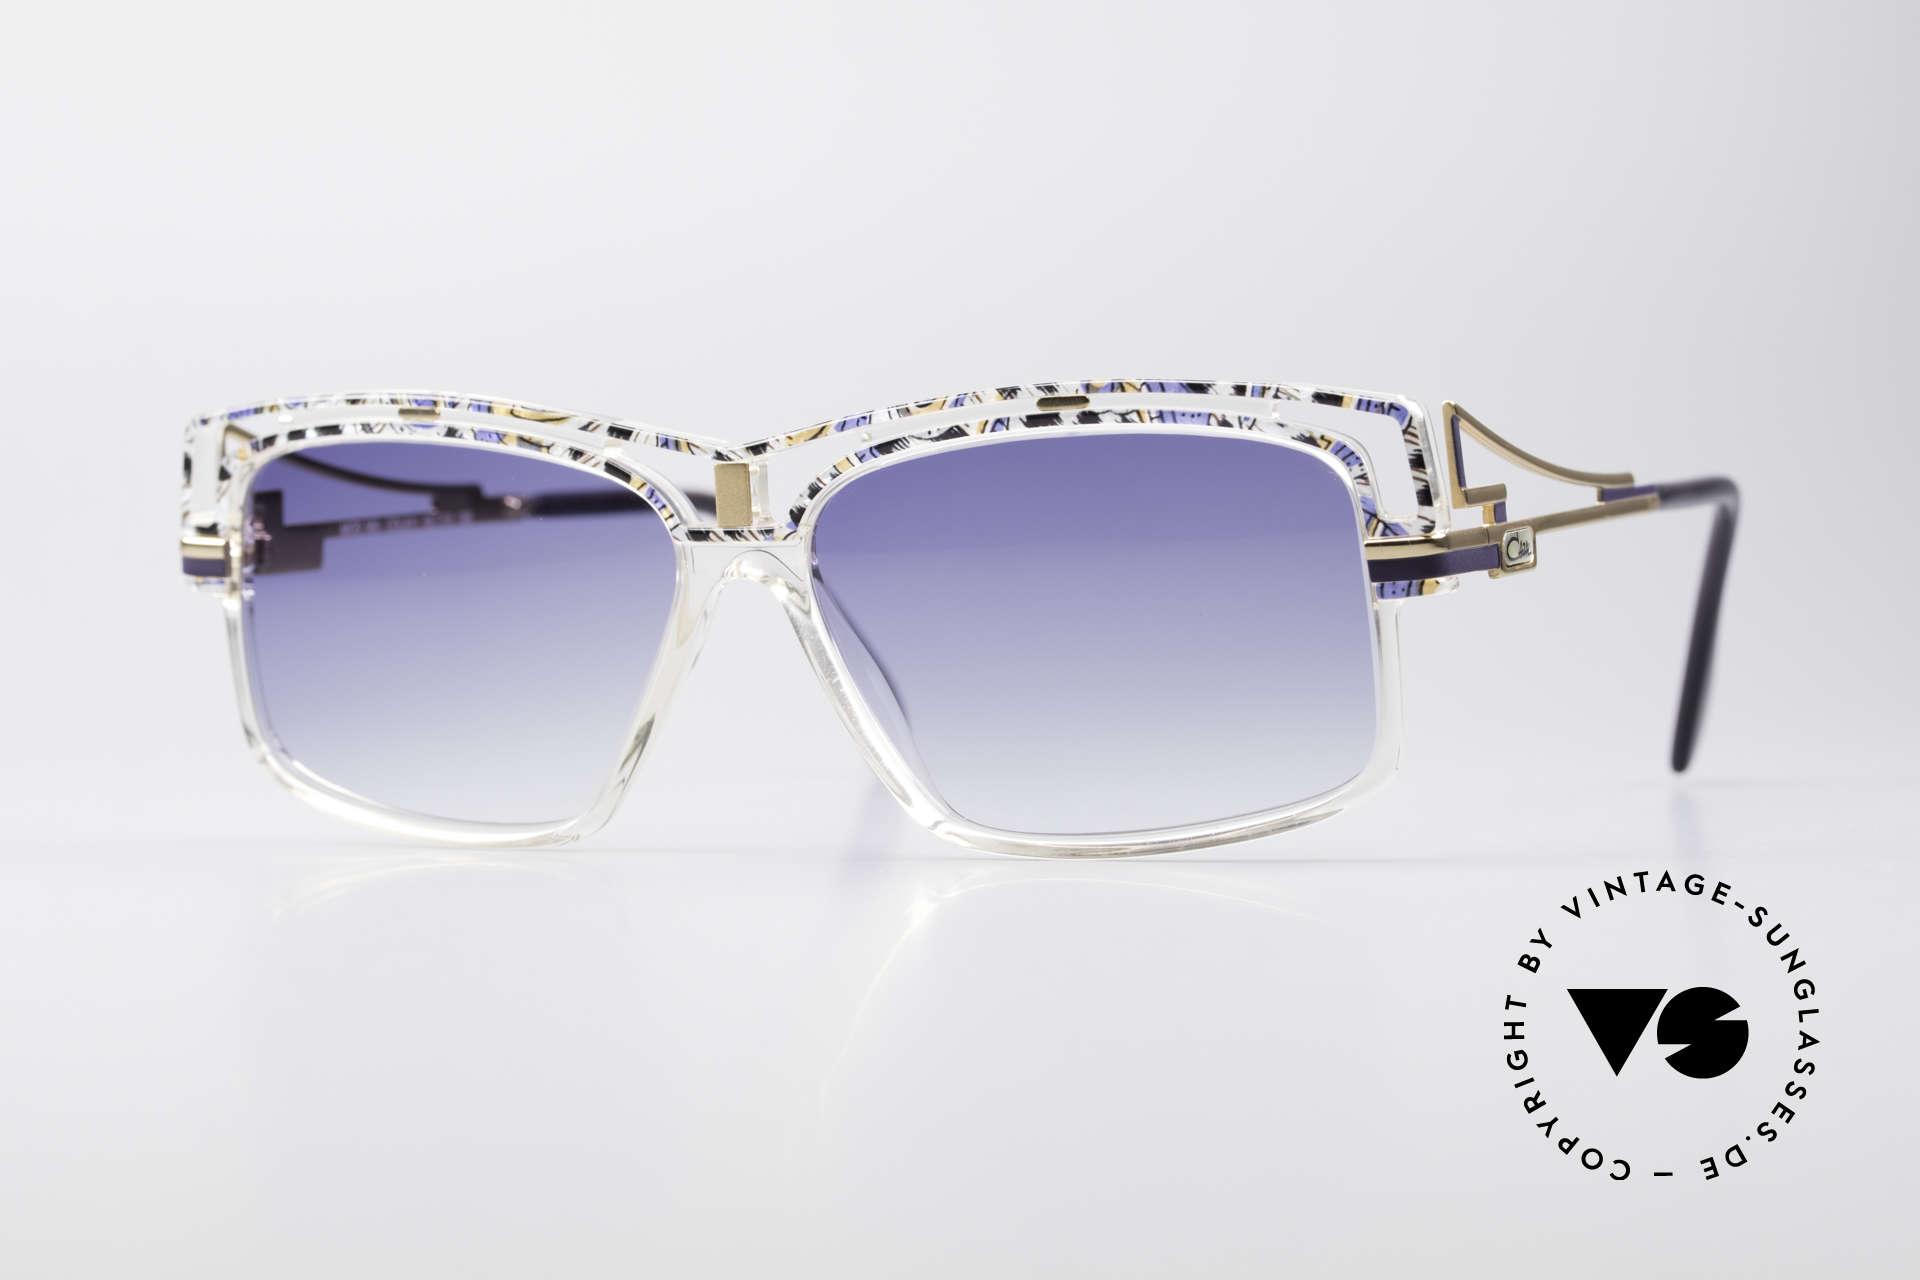 Cazal 365 Vintage 90er Hip Hop Brille, markante Cazal vintage Sonnenbrille aus den 90ern, Passend für Herren und Damen